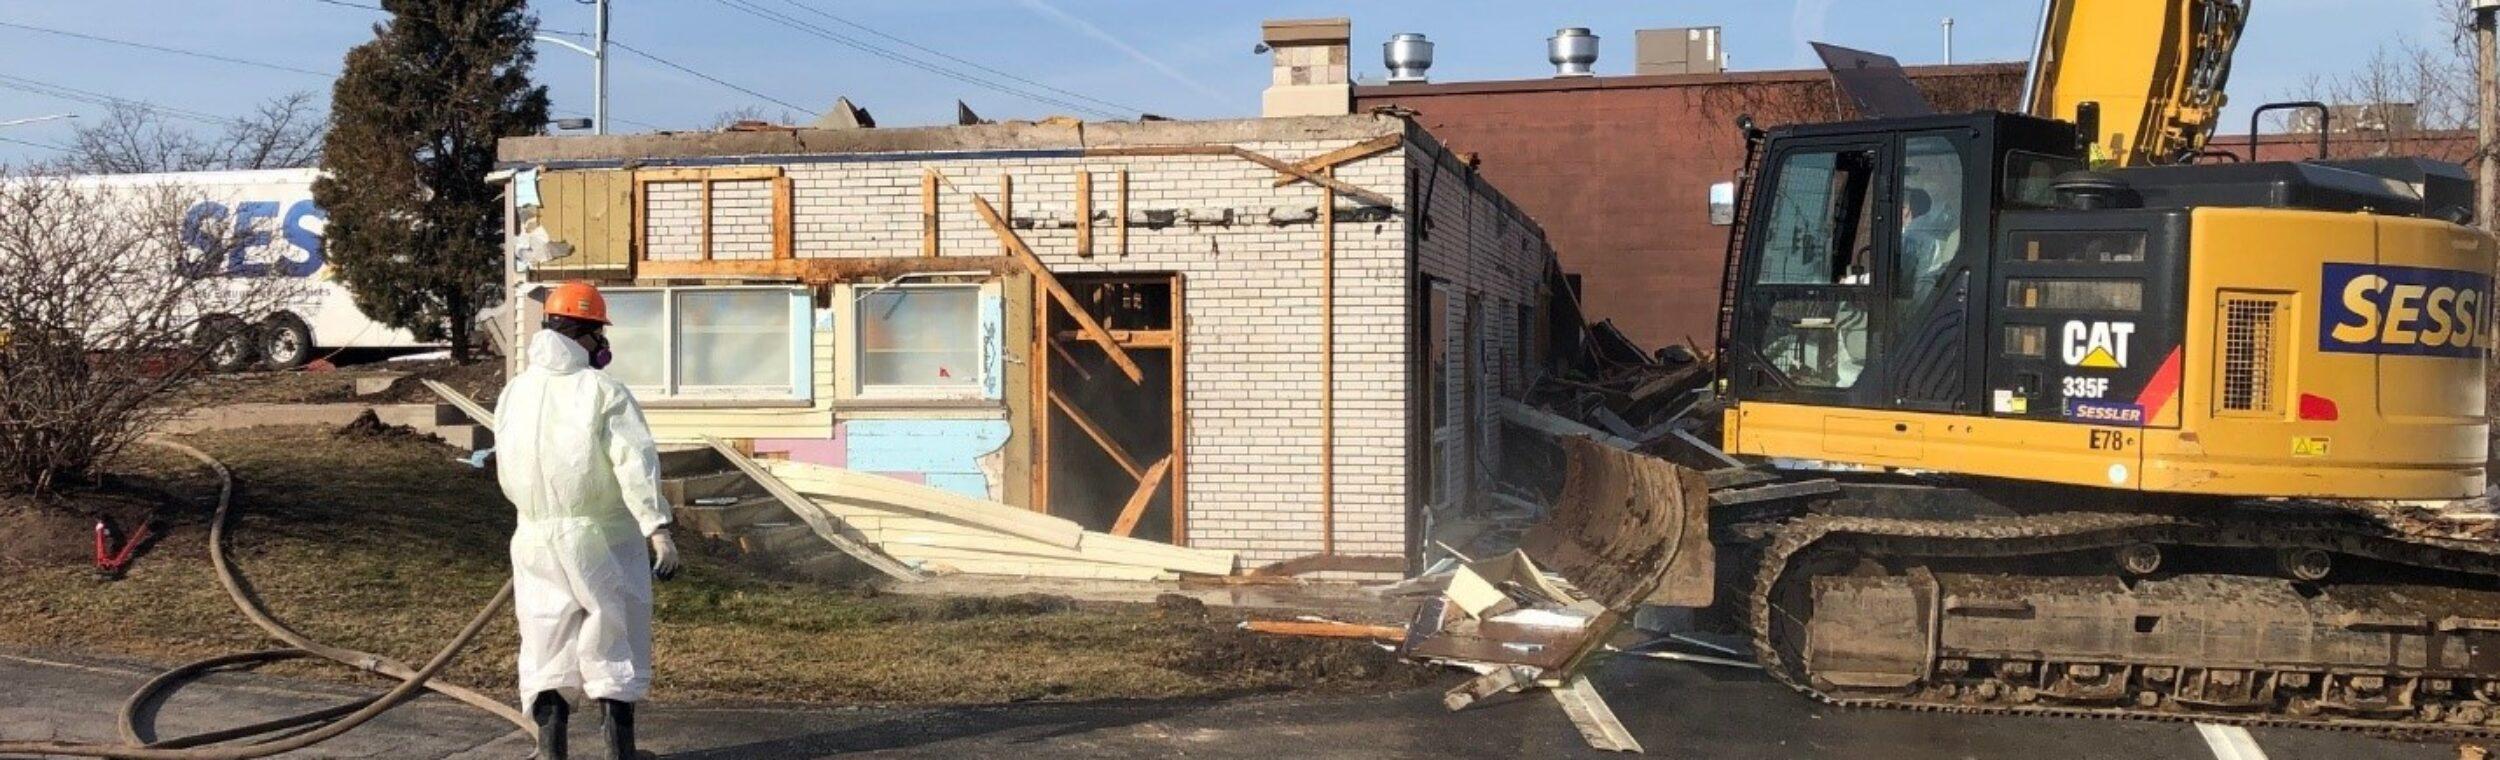 Sessler Environmental Ses Demolition Project Excavator